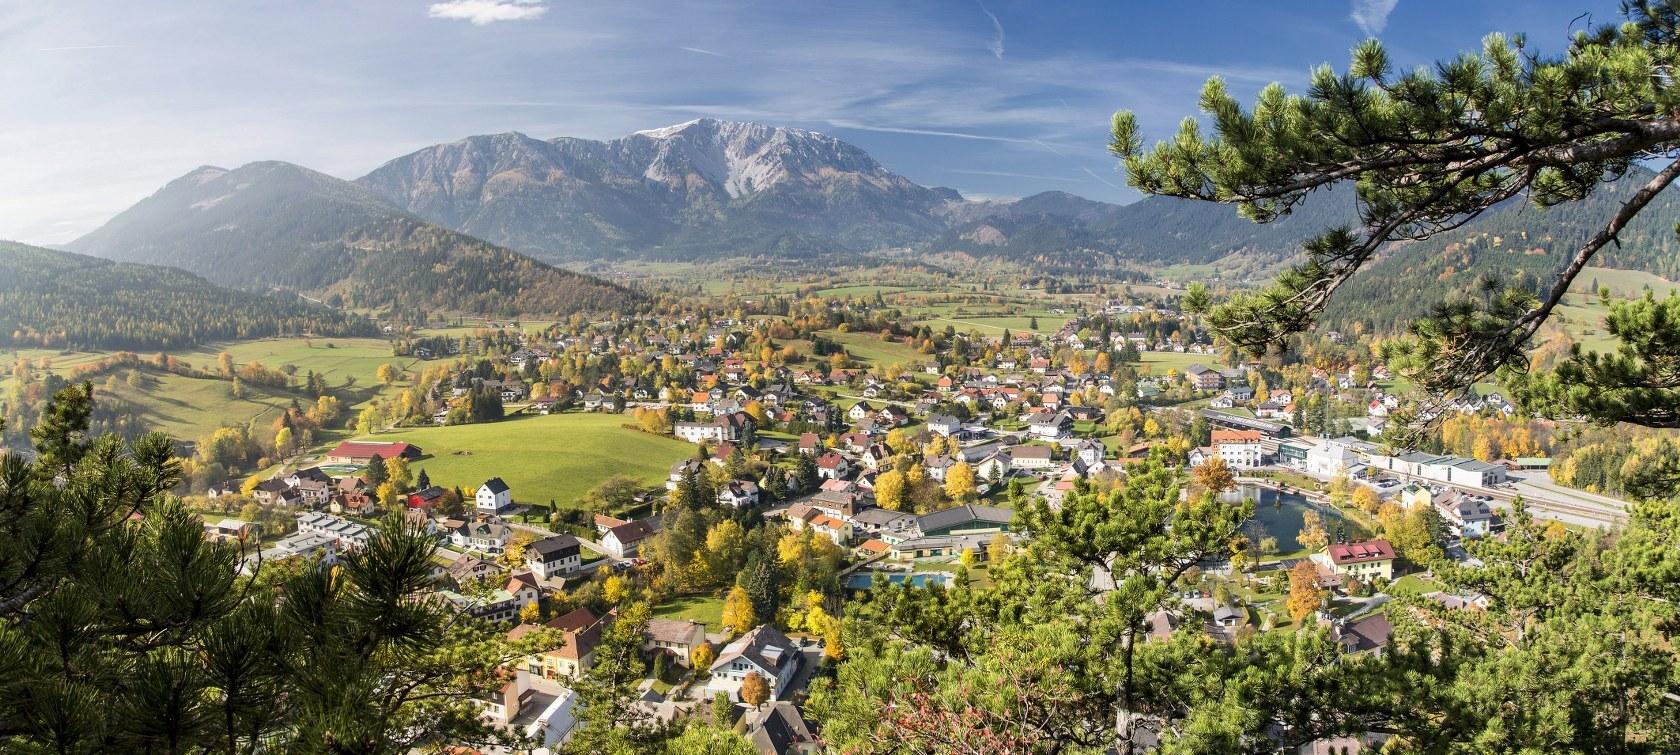 výhled na Puchberg; (c) Wiener Alpen / Franz Zwickl